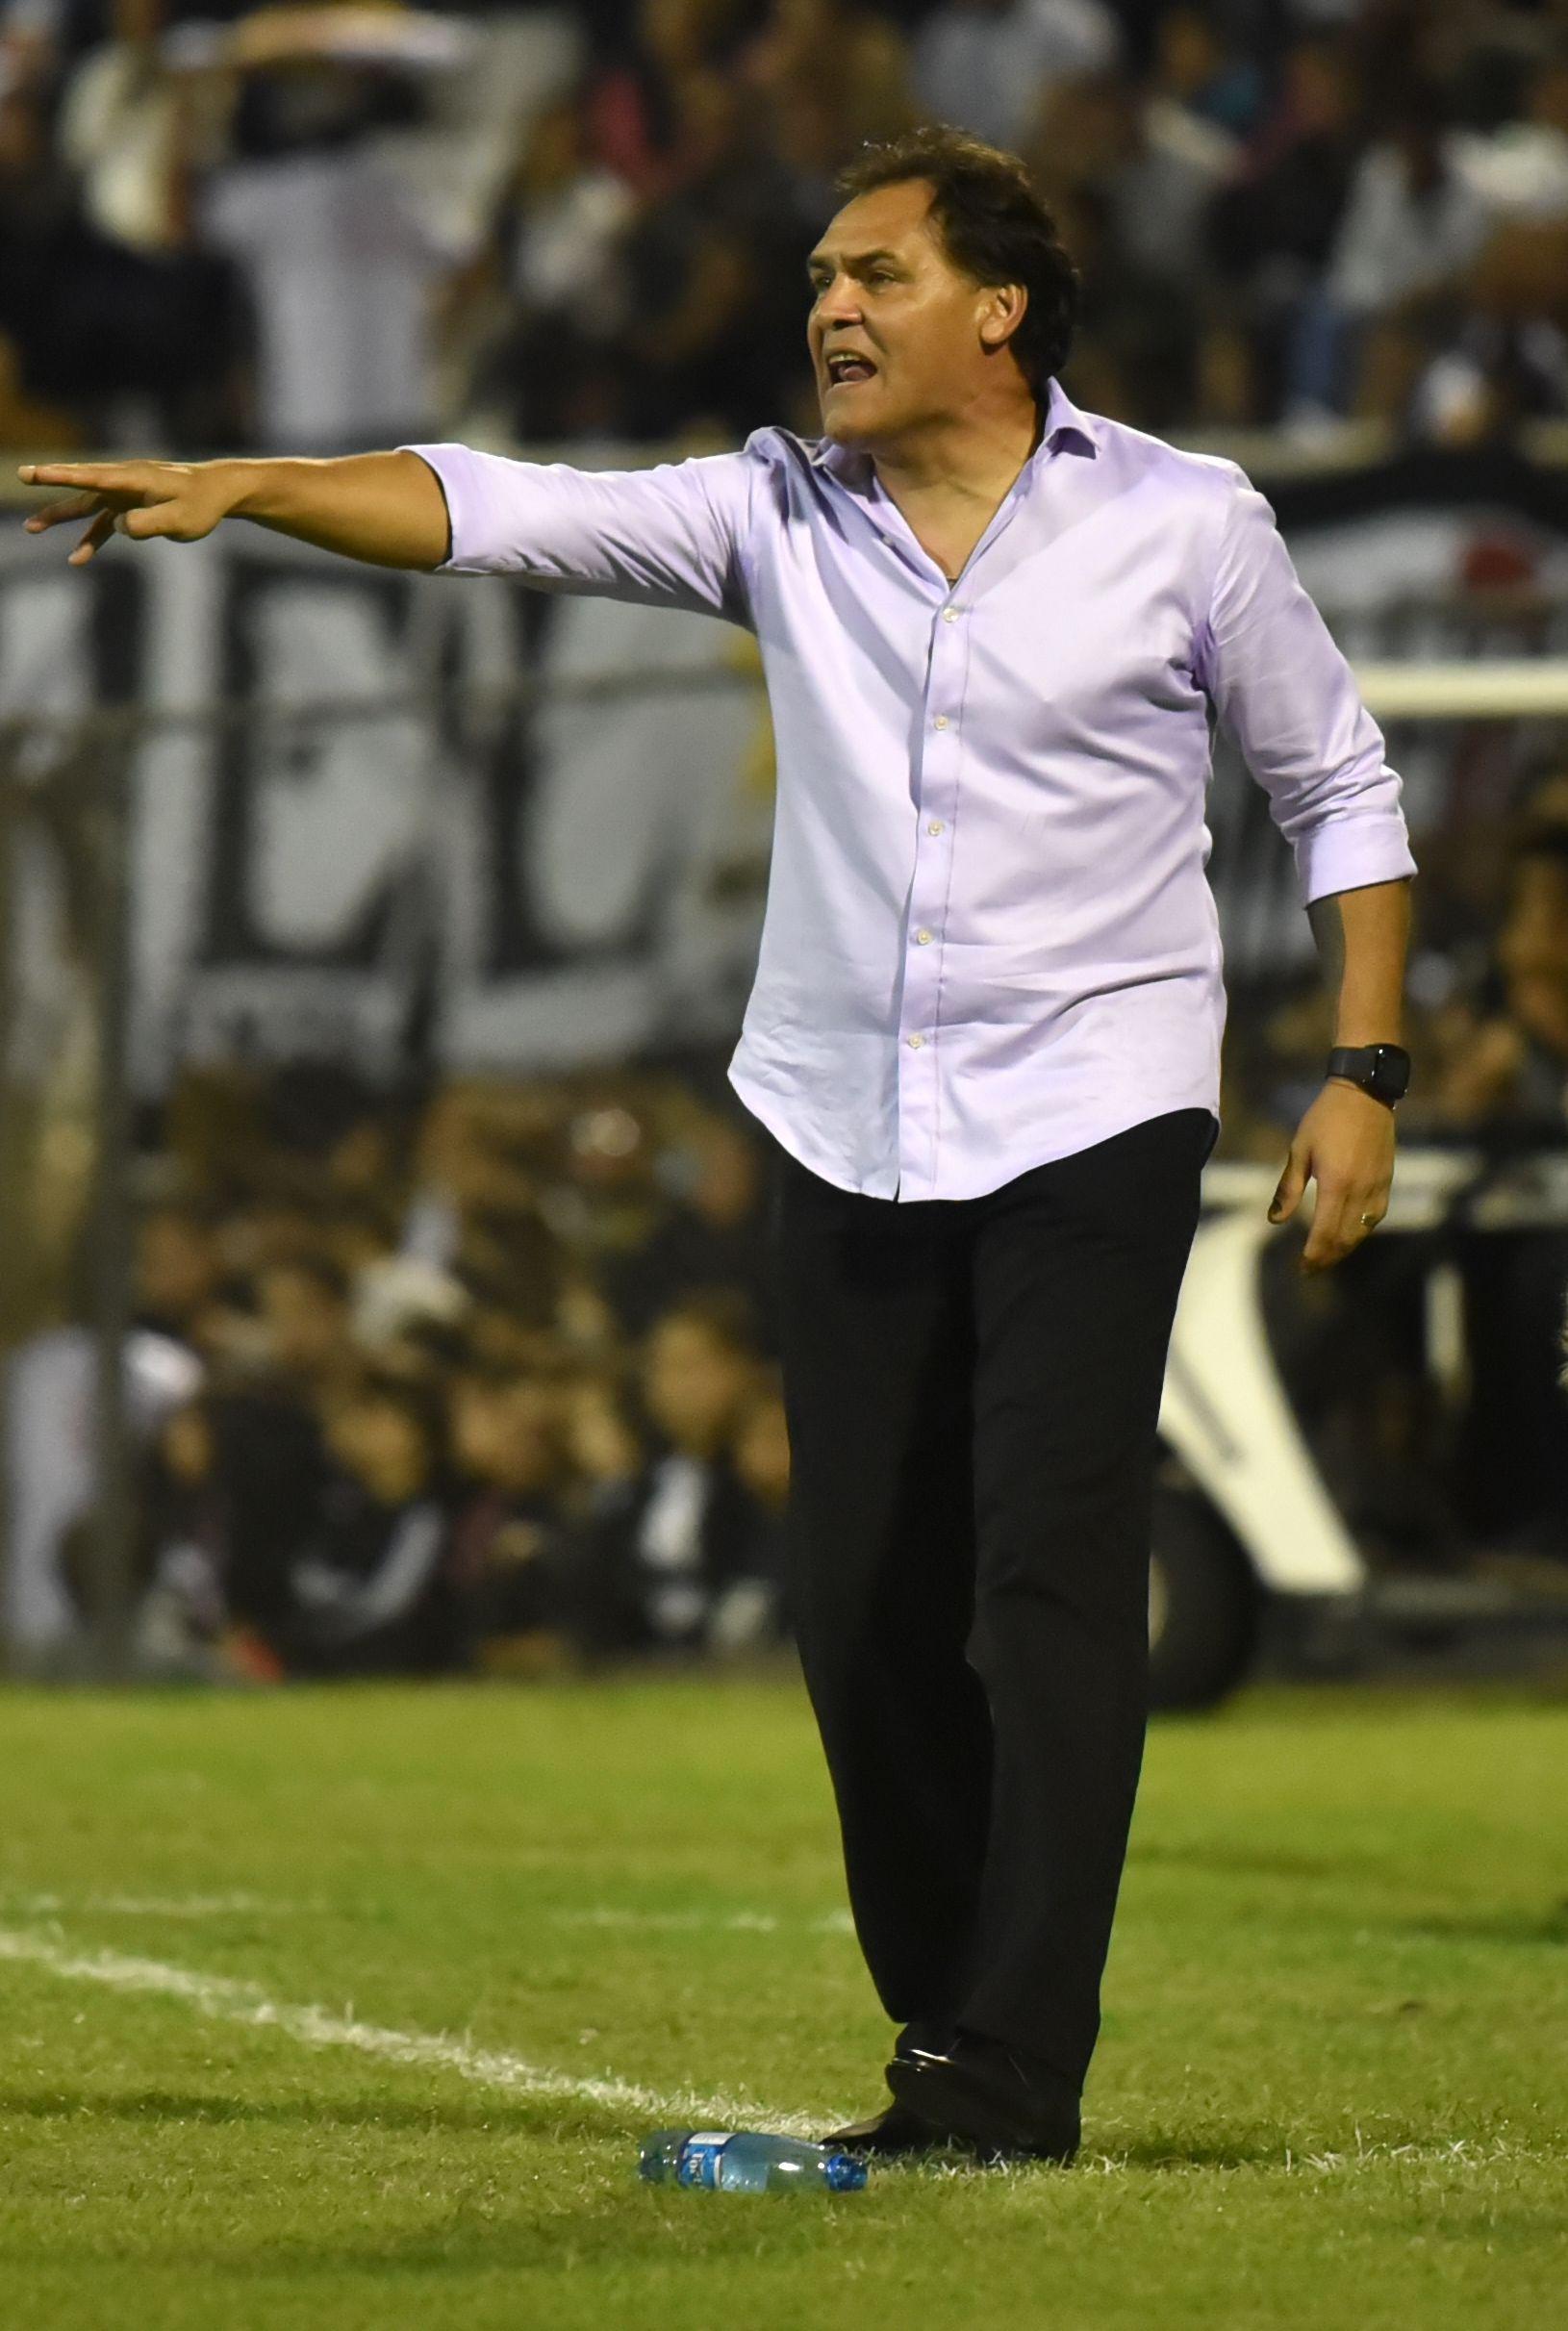 Se fue el Chito. Foto: Raúl Cañete